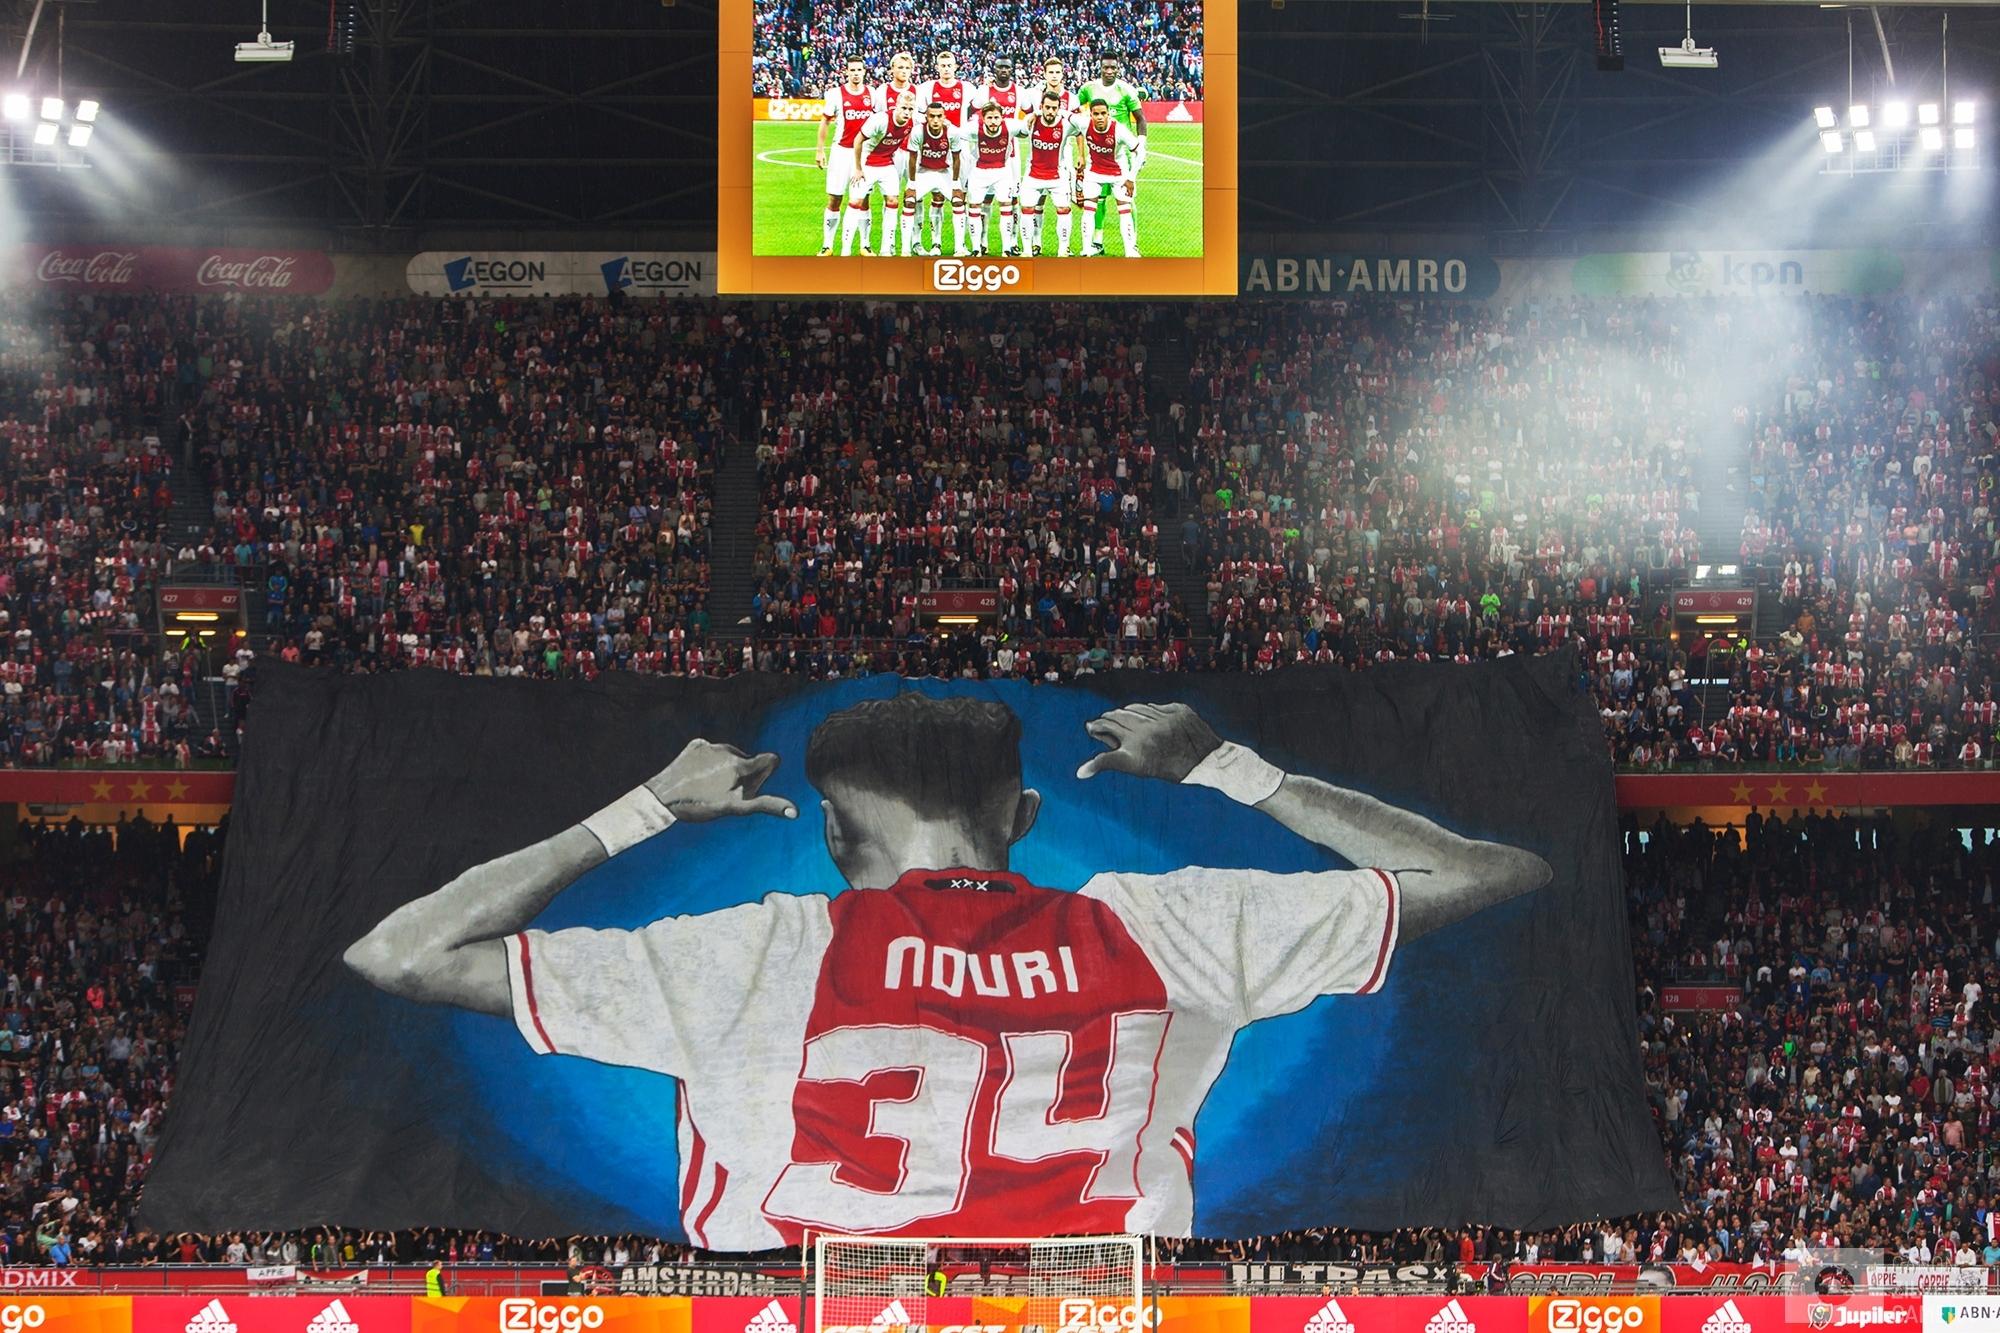 Foto 11 van 11De carrière van de talentvolle voetballer Abdelhak Nouri werd op 8 juli 2017 in de kiem gesmoord. Tijdens een oefenduel in het Oostenrijkse Zillertal werd de kleine Ajacied onwel en zakte in elkaar.Enkele dagen later werd bekend dat hij blijvende en ernstige hersenschade had opgelopen.De golf van collectief verdriet die toen door (voetballend) Nederland trok liet geen ruimte voor rivaliteit maar zorgde voor verbroedering om te bidden voor een zo'n positief mogelijke afloop voor Abdelhak.